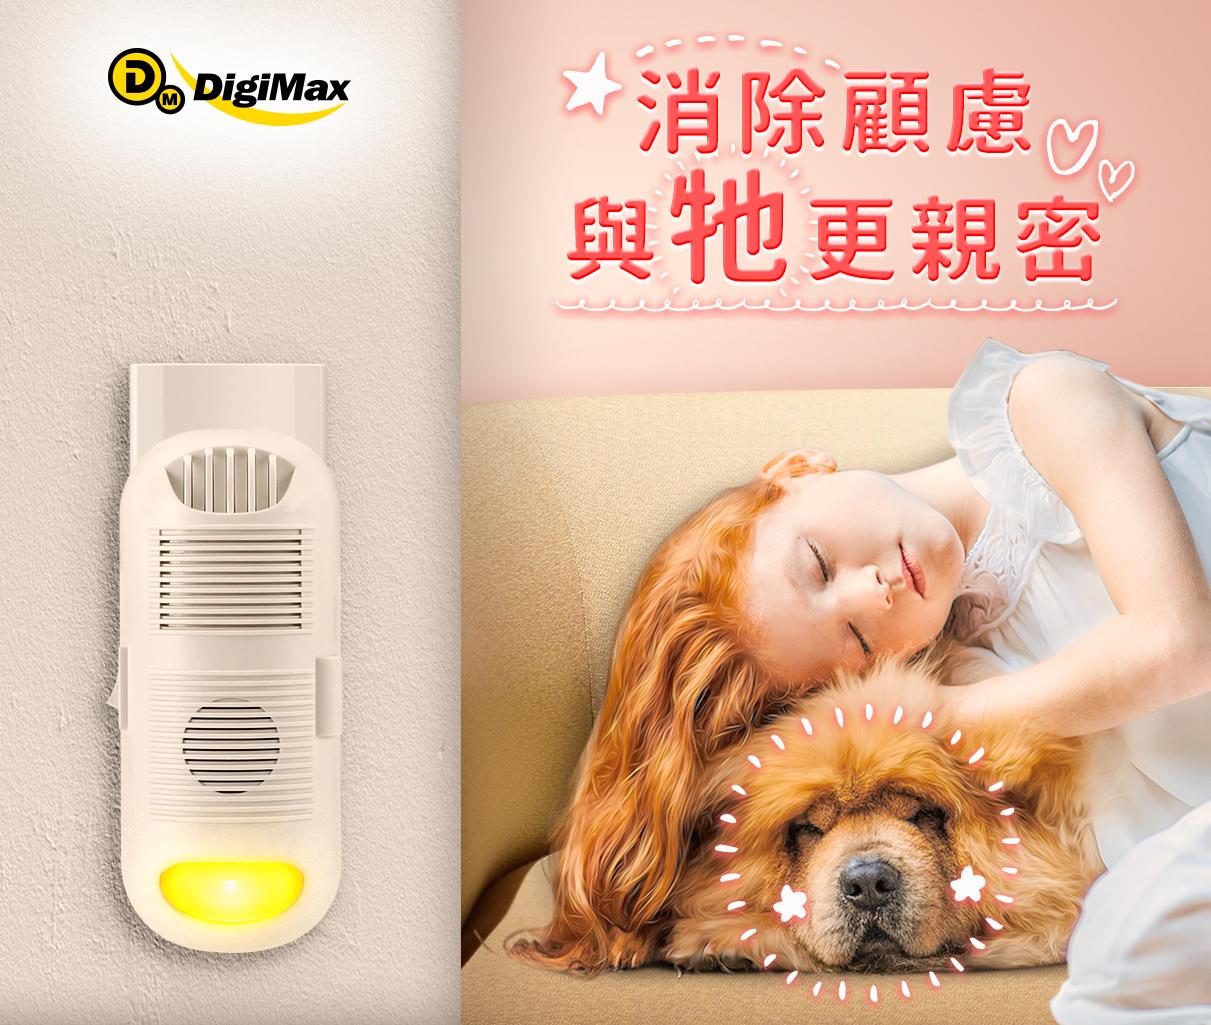 DigiMax★DP-3D6 強效型負離子空氣清淨機